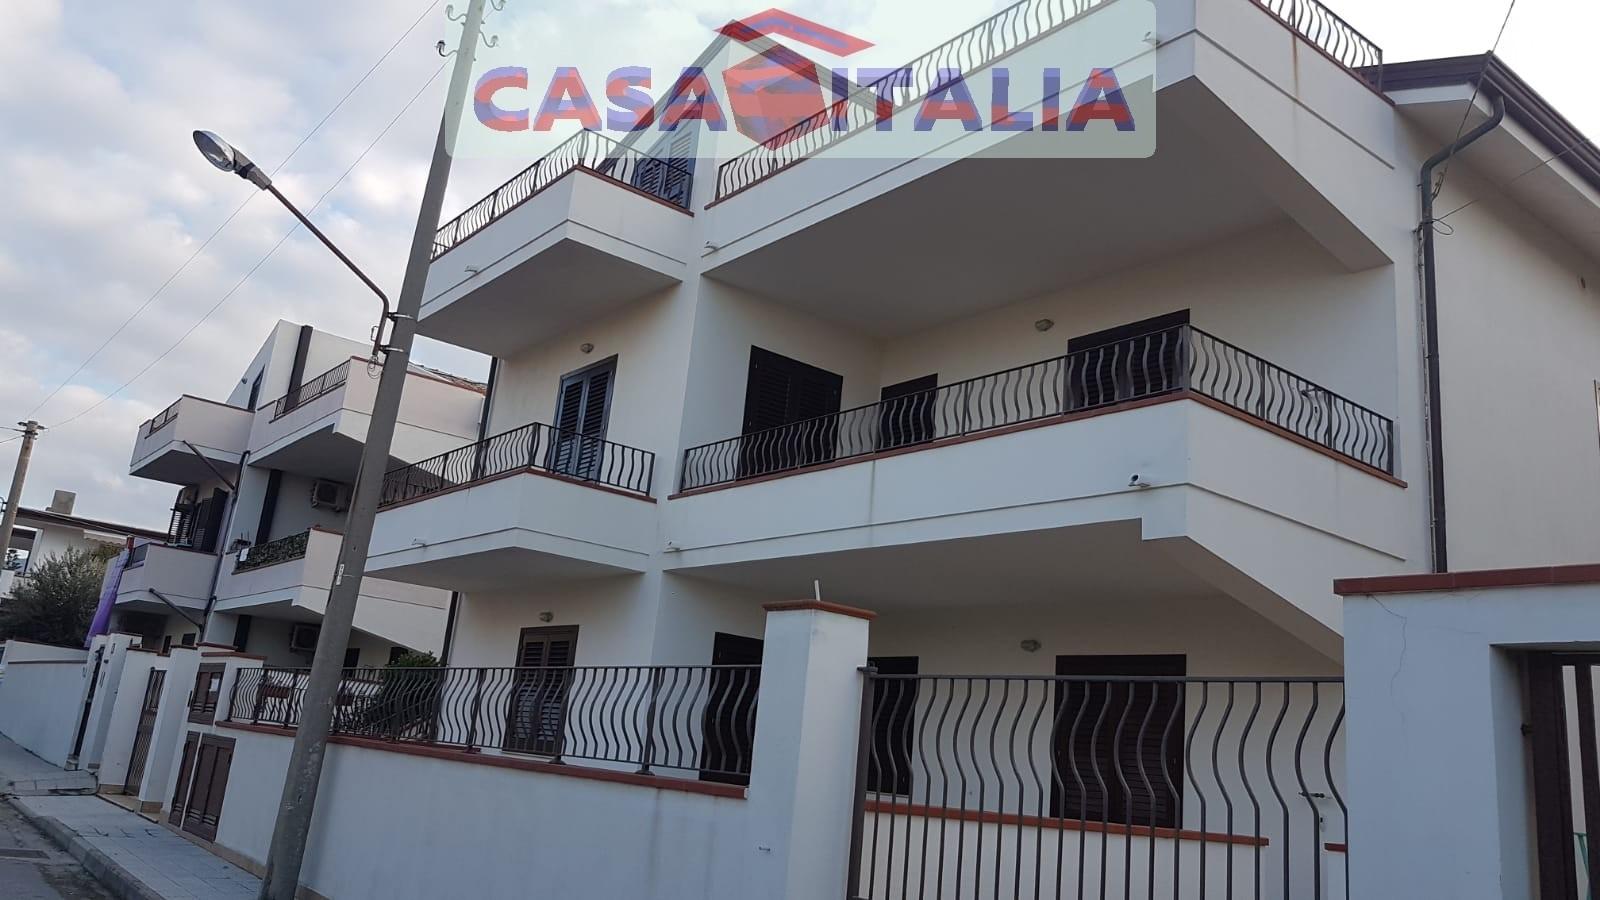 Appartamento in vendita a Barcellona Pozzo di Gotto, 3 locali, zona Località: Spinesante, prezzo € 150.000 | PortaleAgenzieImmobiliari.it